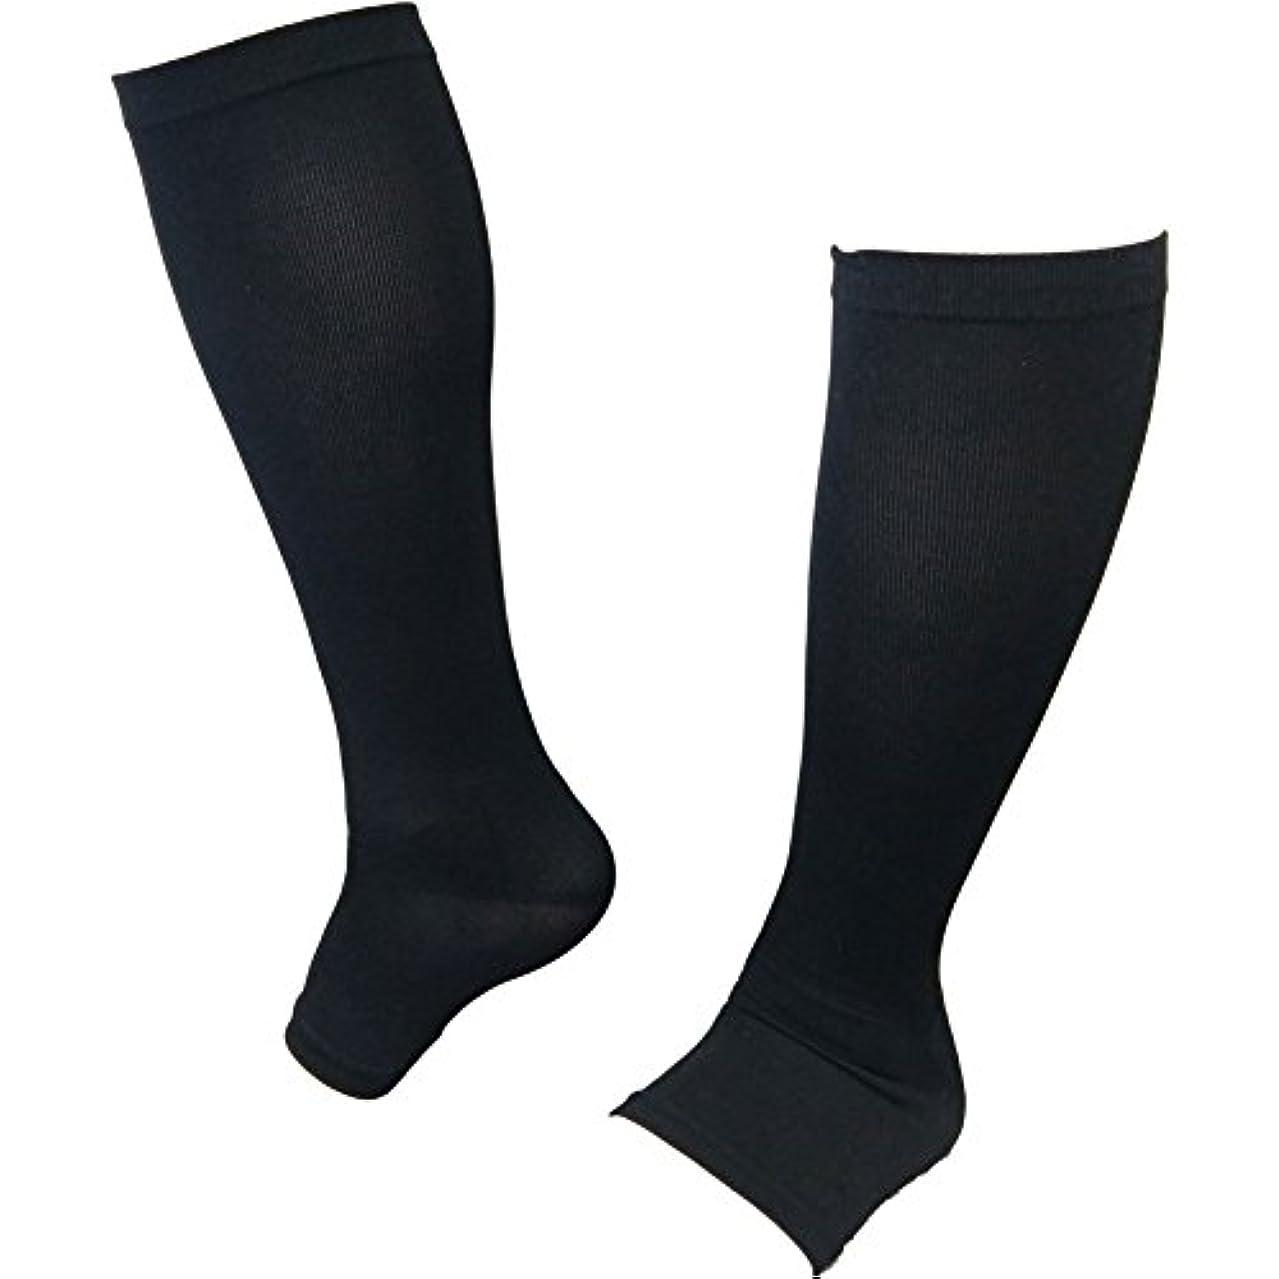 ワイド適合しましたアクセントスパルタックス メンズ着圧ソックス 加圧ソックス 靴下 男性用 着圧 ひざ下 コンプレッション オープントゥ ソックス 強圧サポート むくみ対策 黒 ブラック